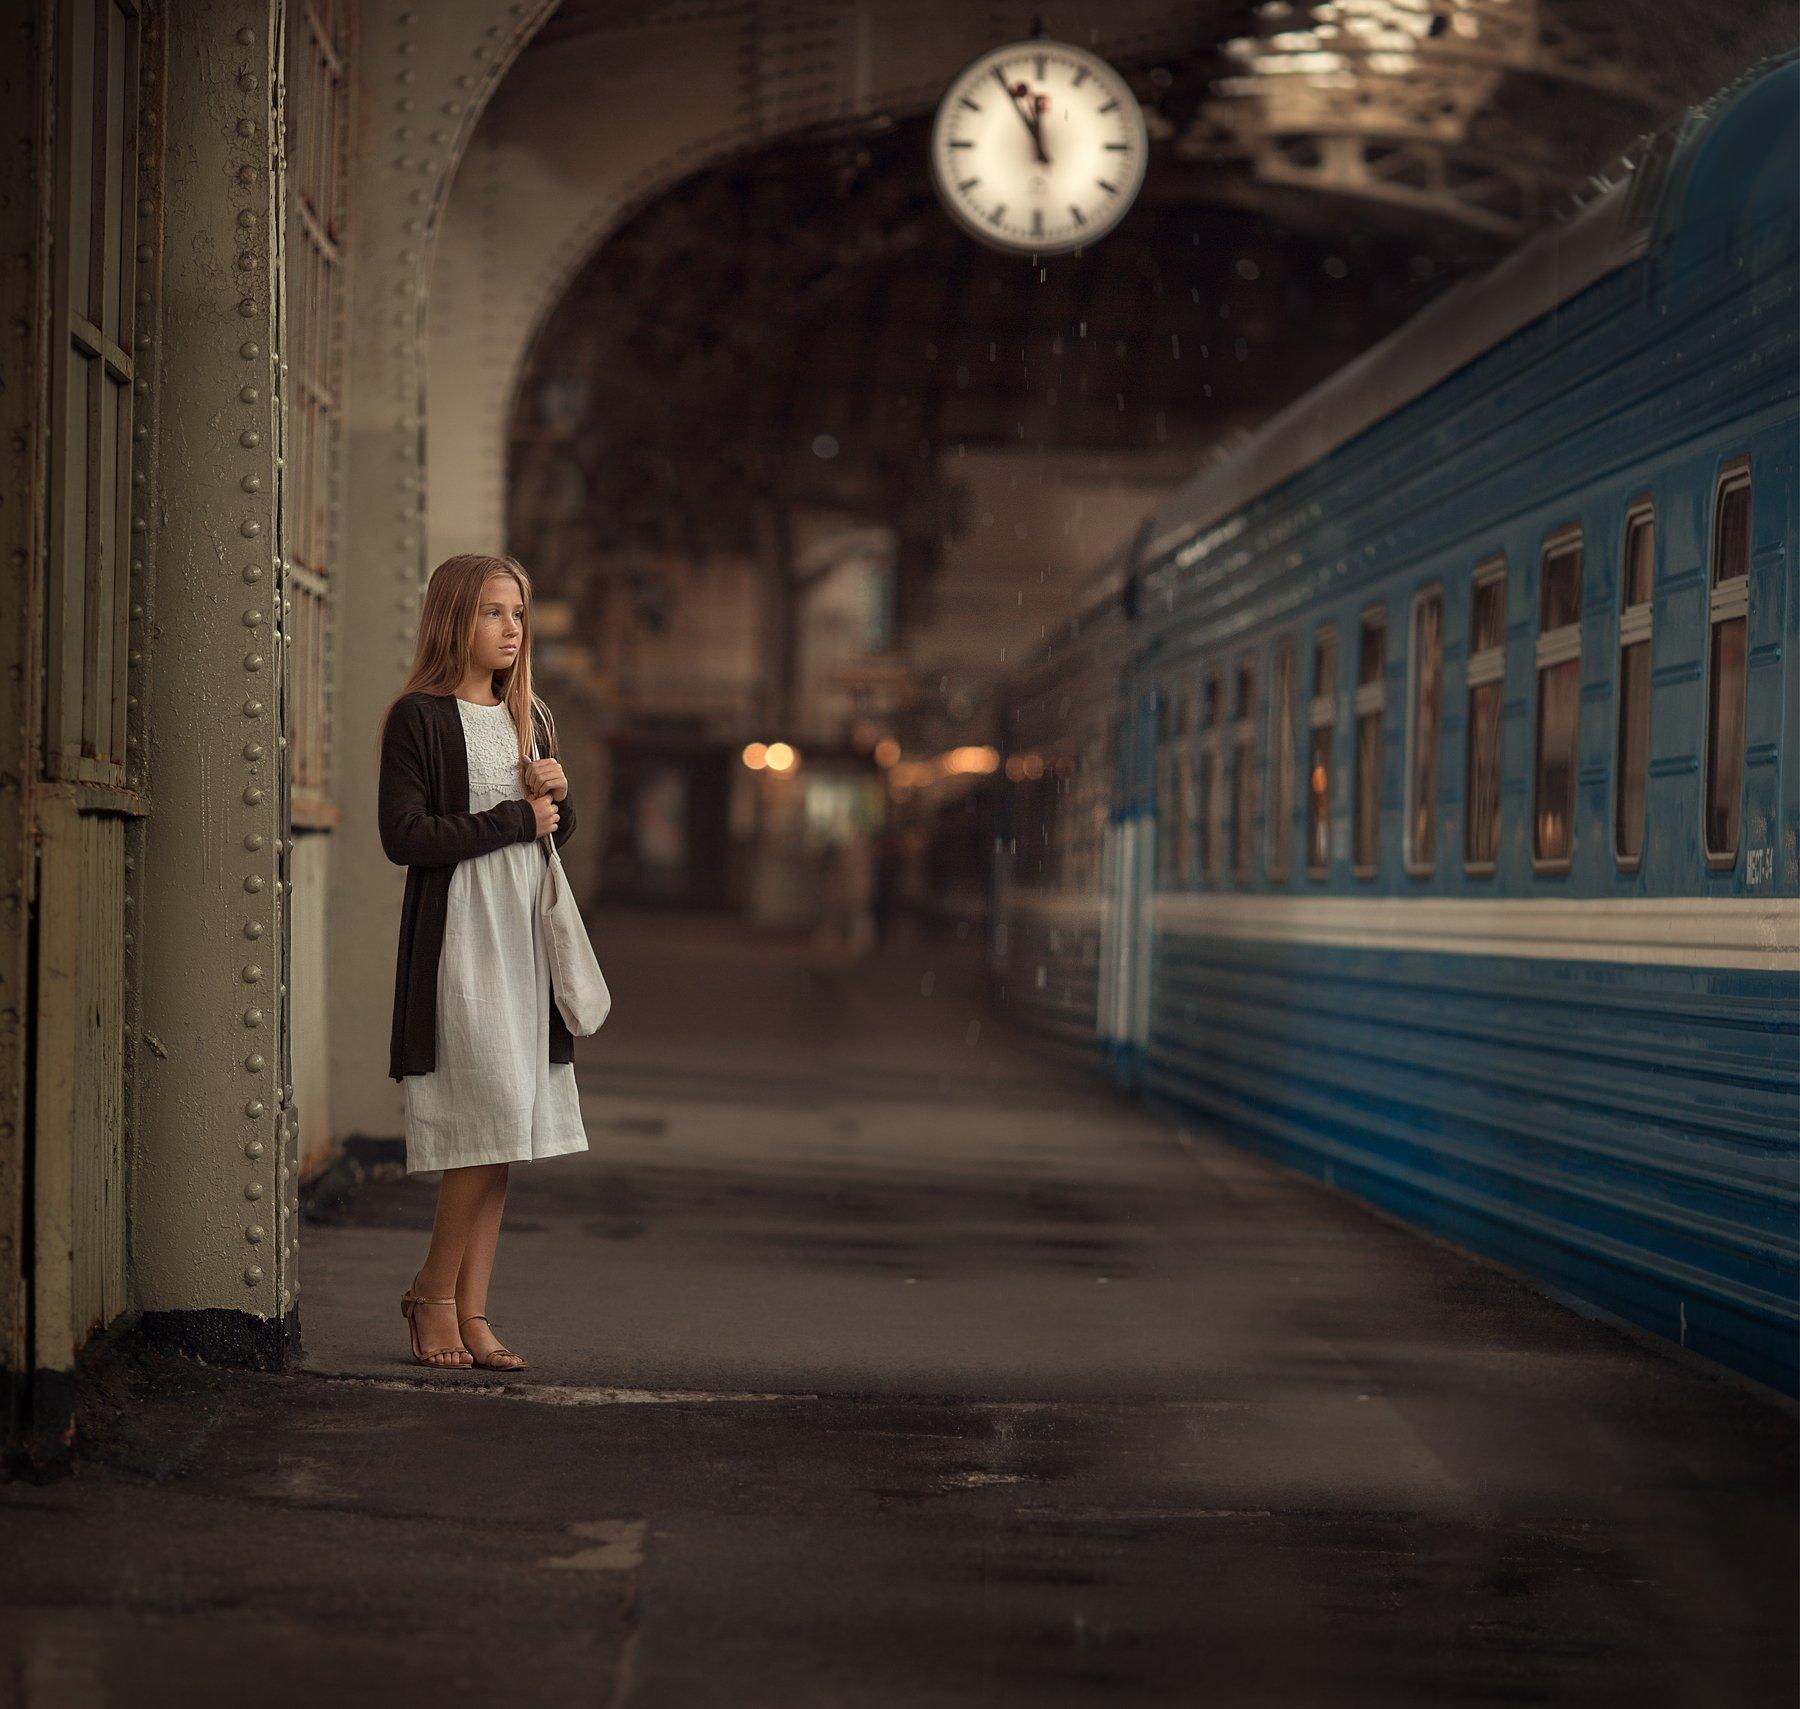 Вокзал, встреча, поезд, девочка, Людмила Бобровская